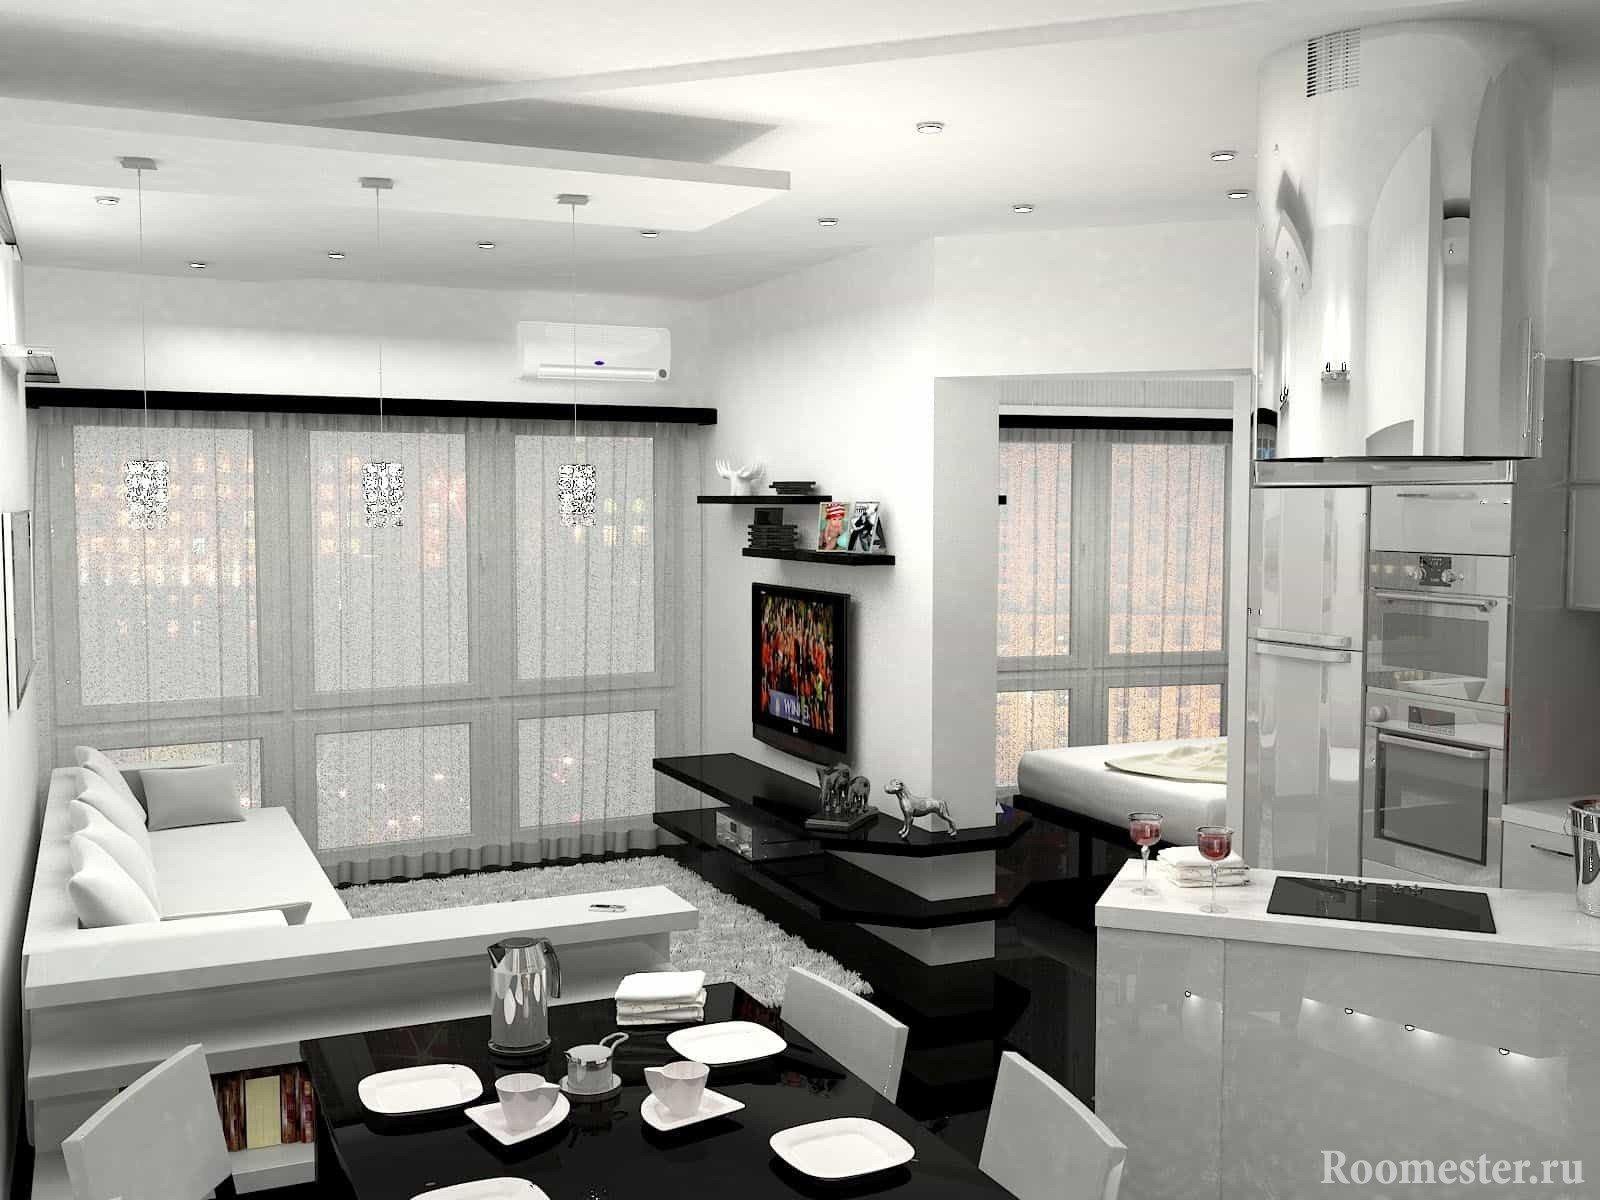 Кухня и гостиная совмещенные в студию